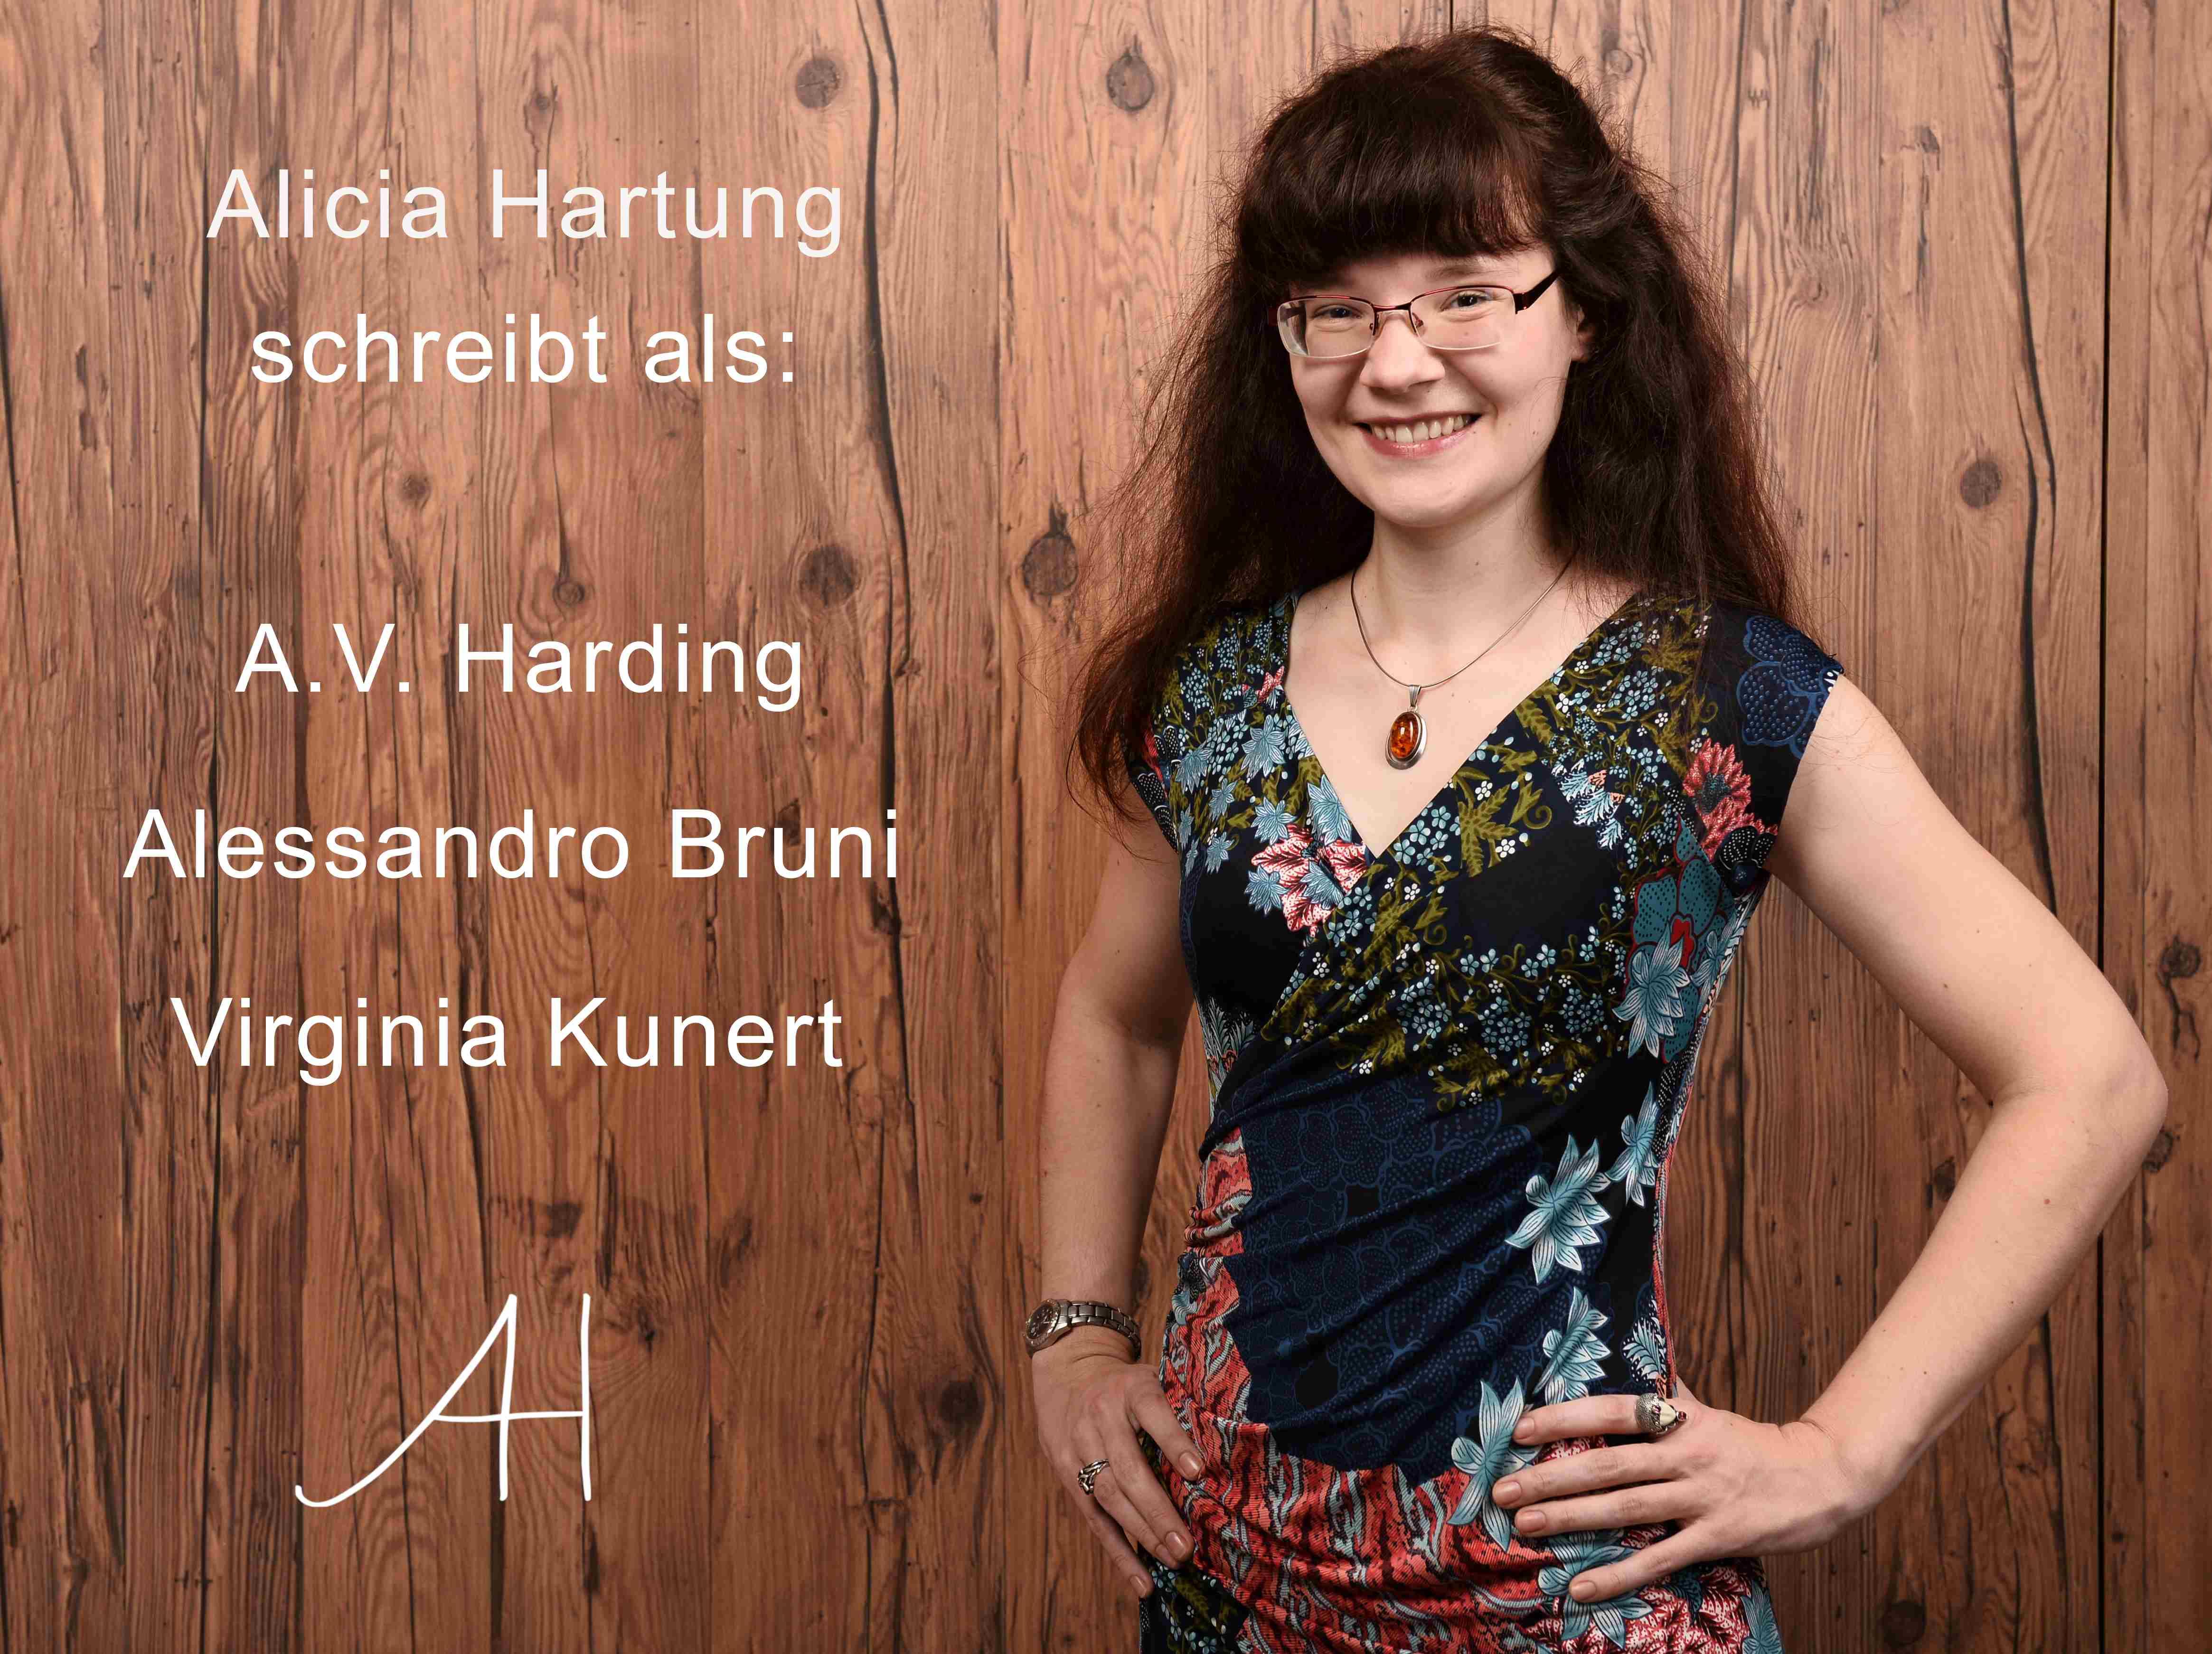 Bild der Autoren mit der Aufschrift Alicia Hartung schreibt als A.V. Harding, Alessandro Bruni und Virginia Kunert